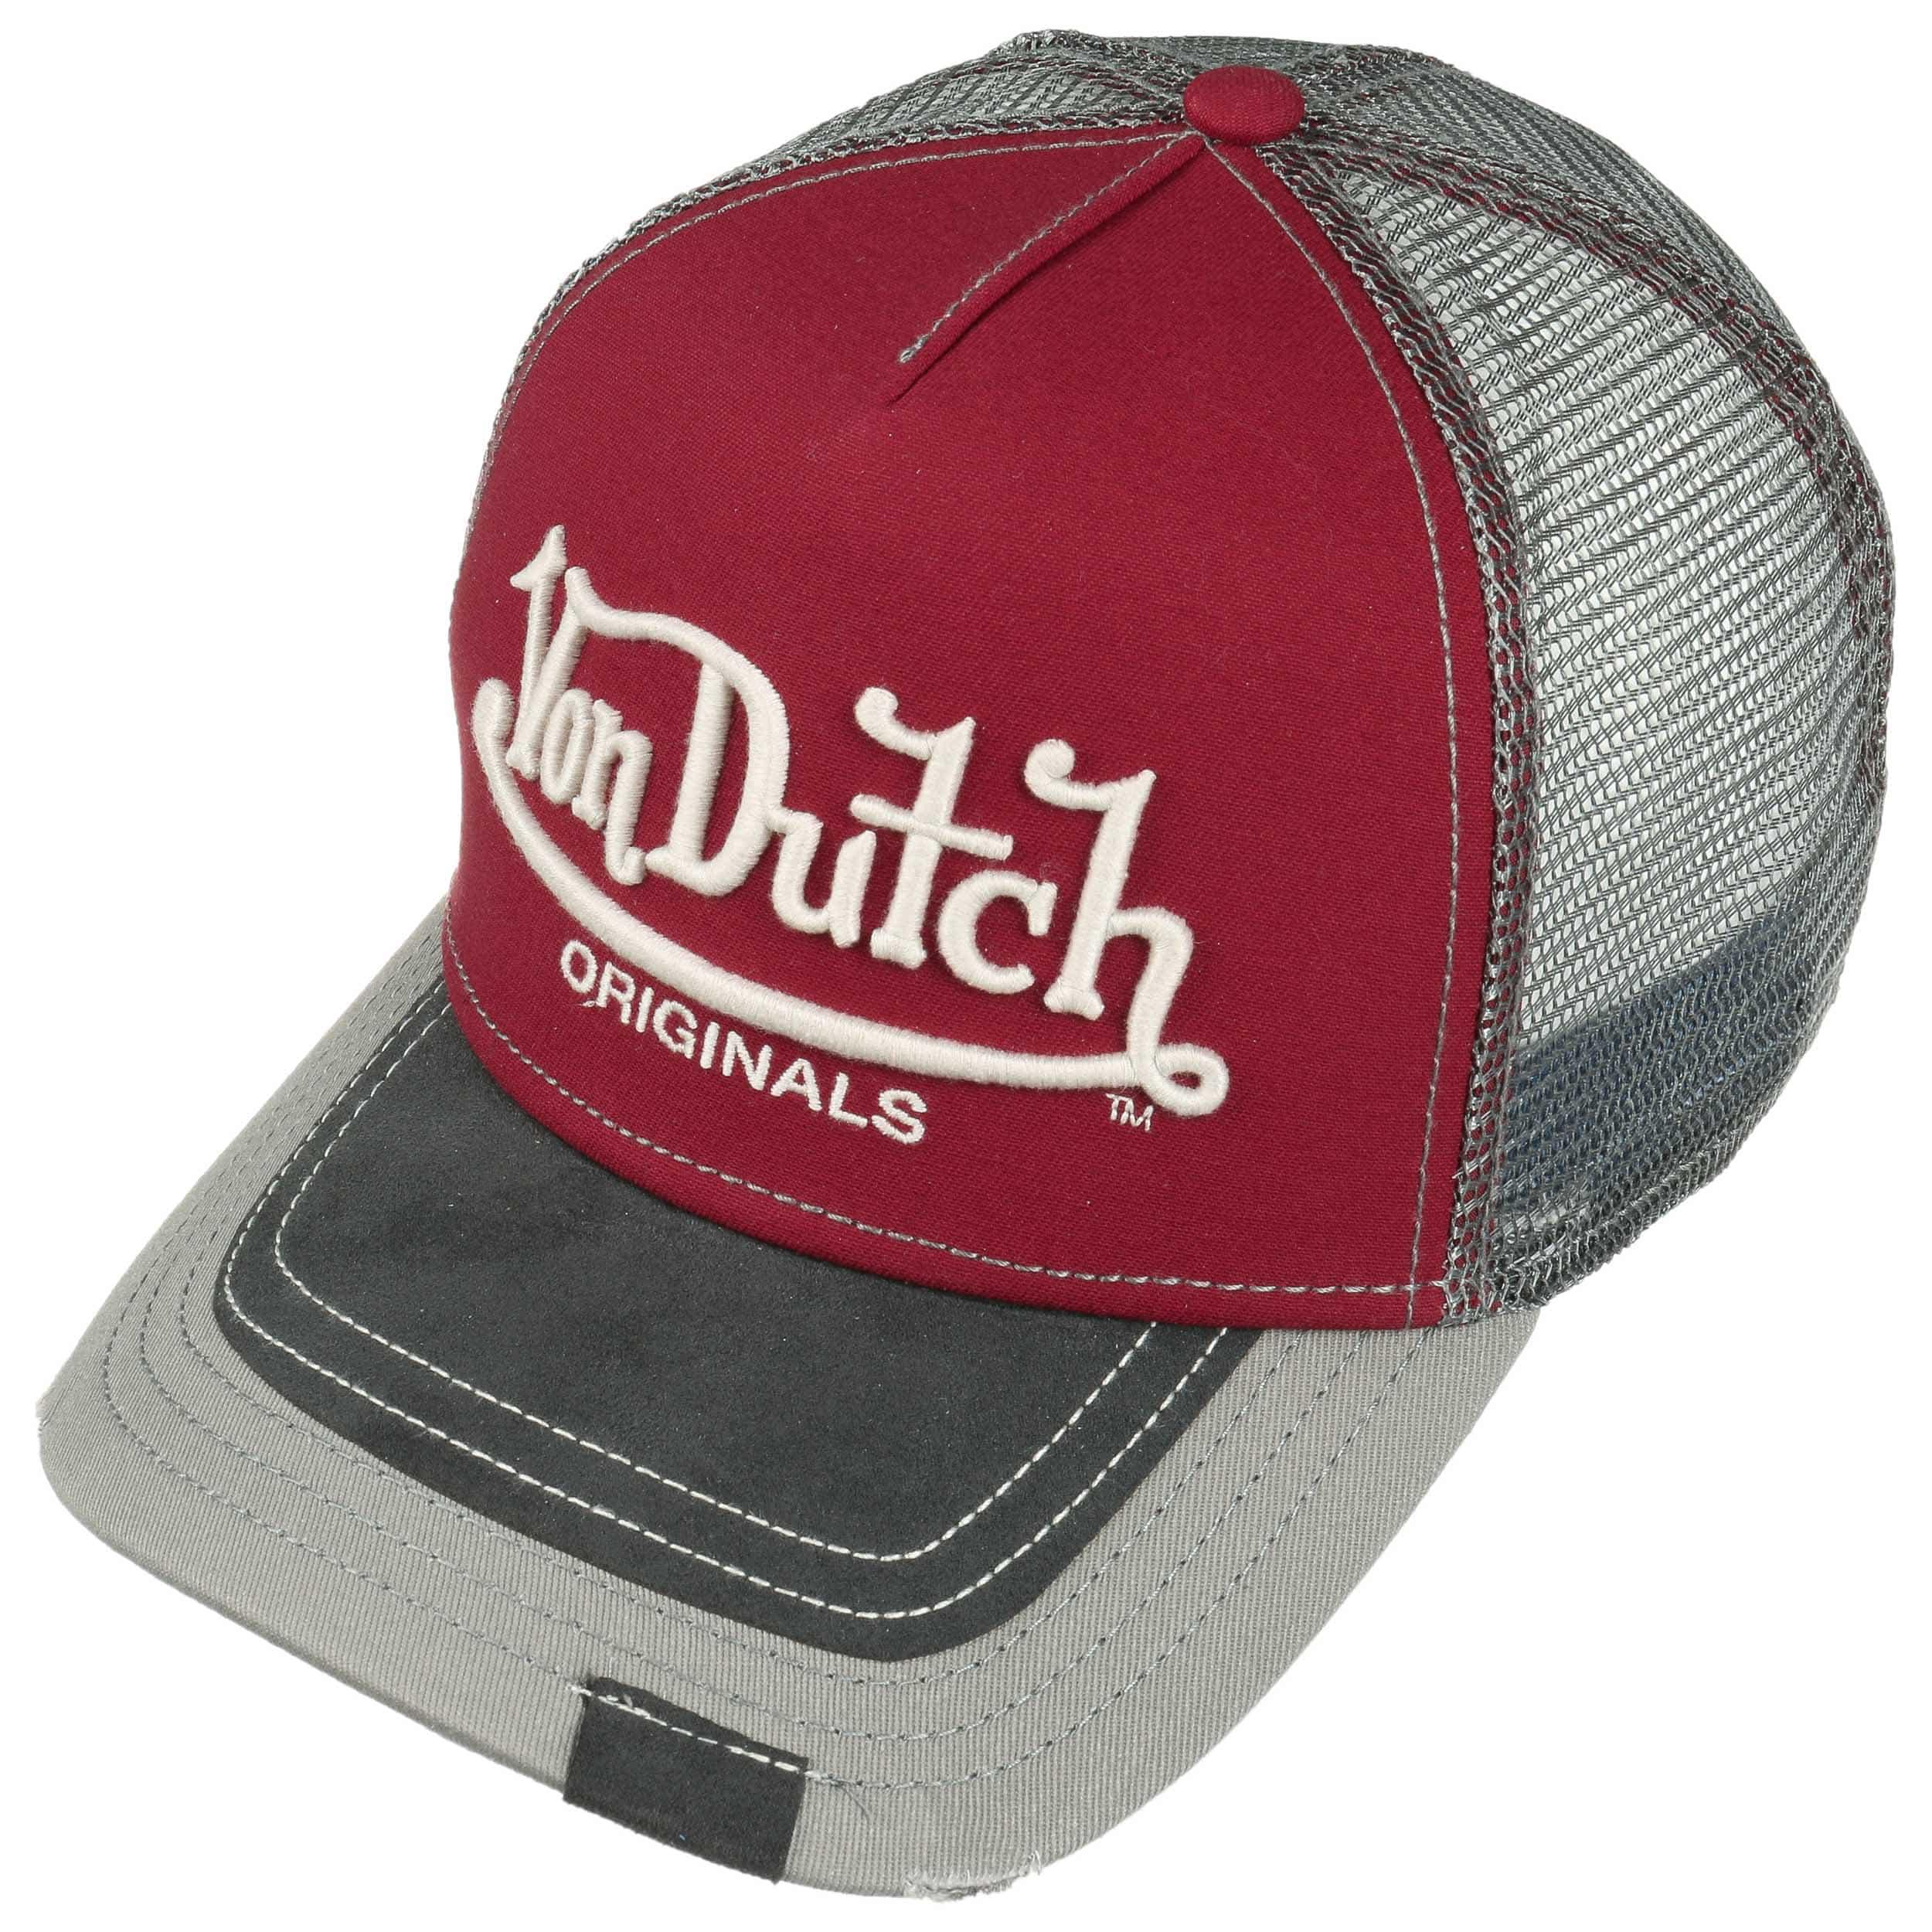 c0194ce581e055 ... Premium Logo Trucker Cap by Von Dutch - dark red 1 ...